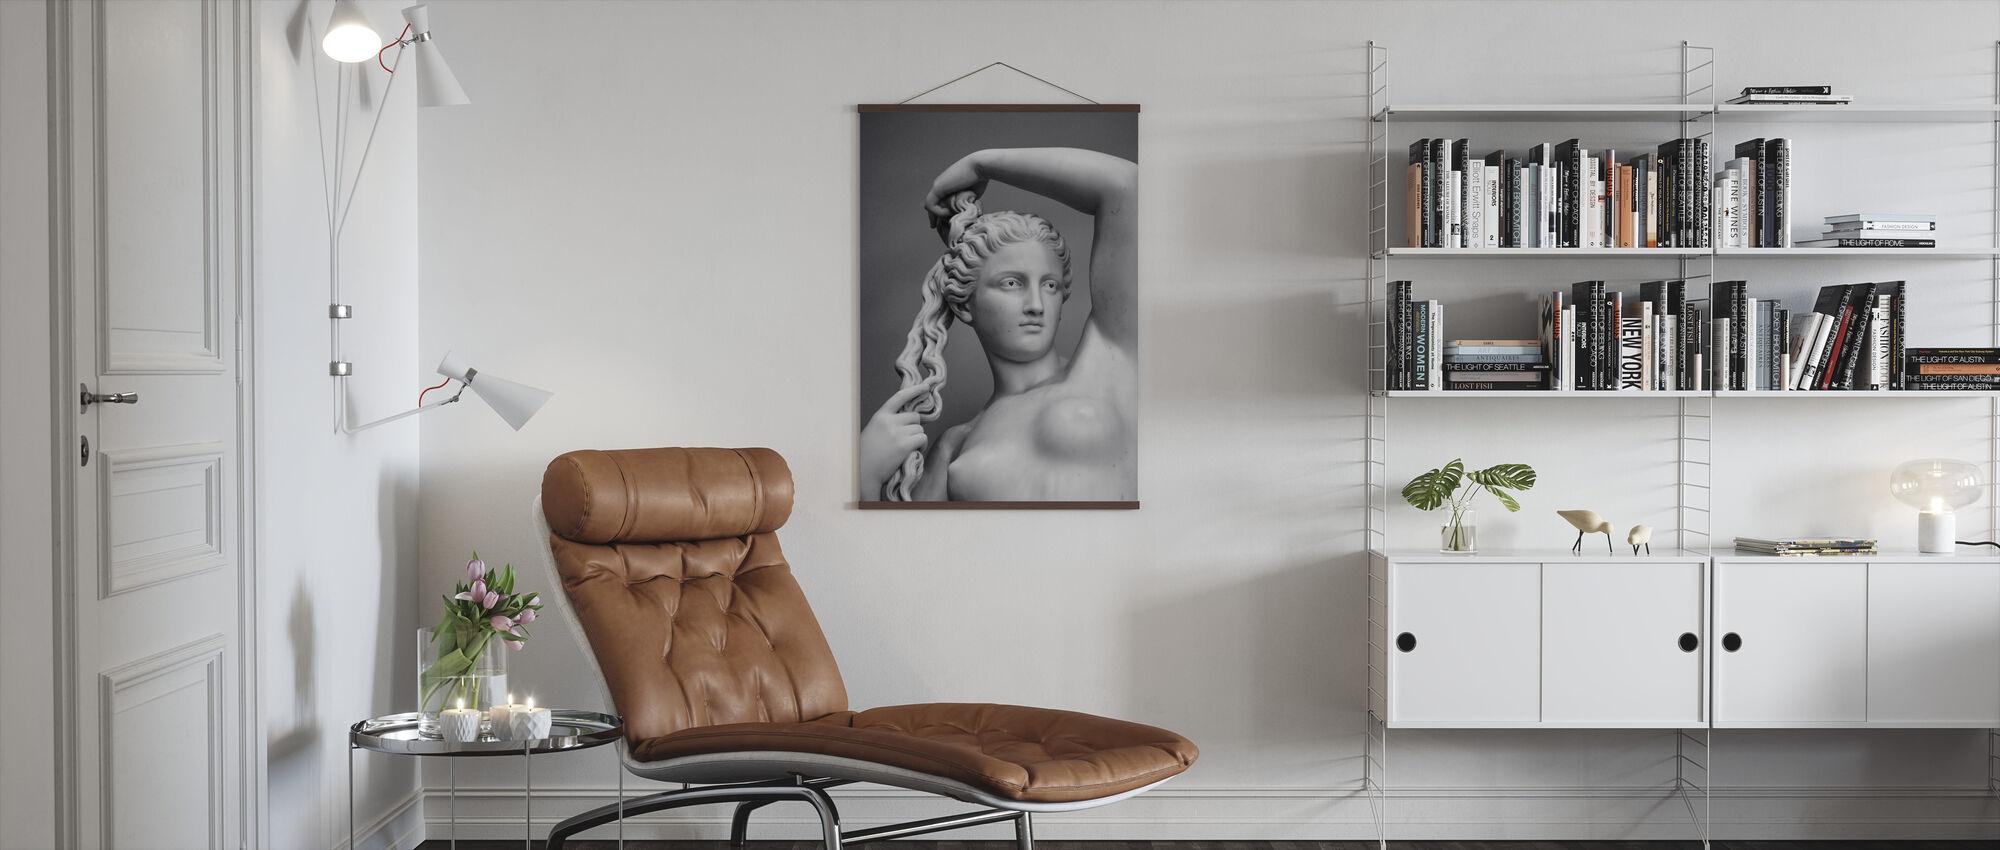 Elsker gudinne - Plakat - Stue